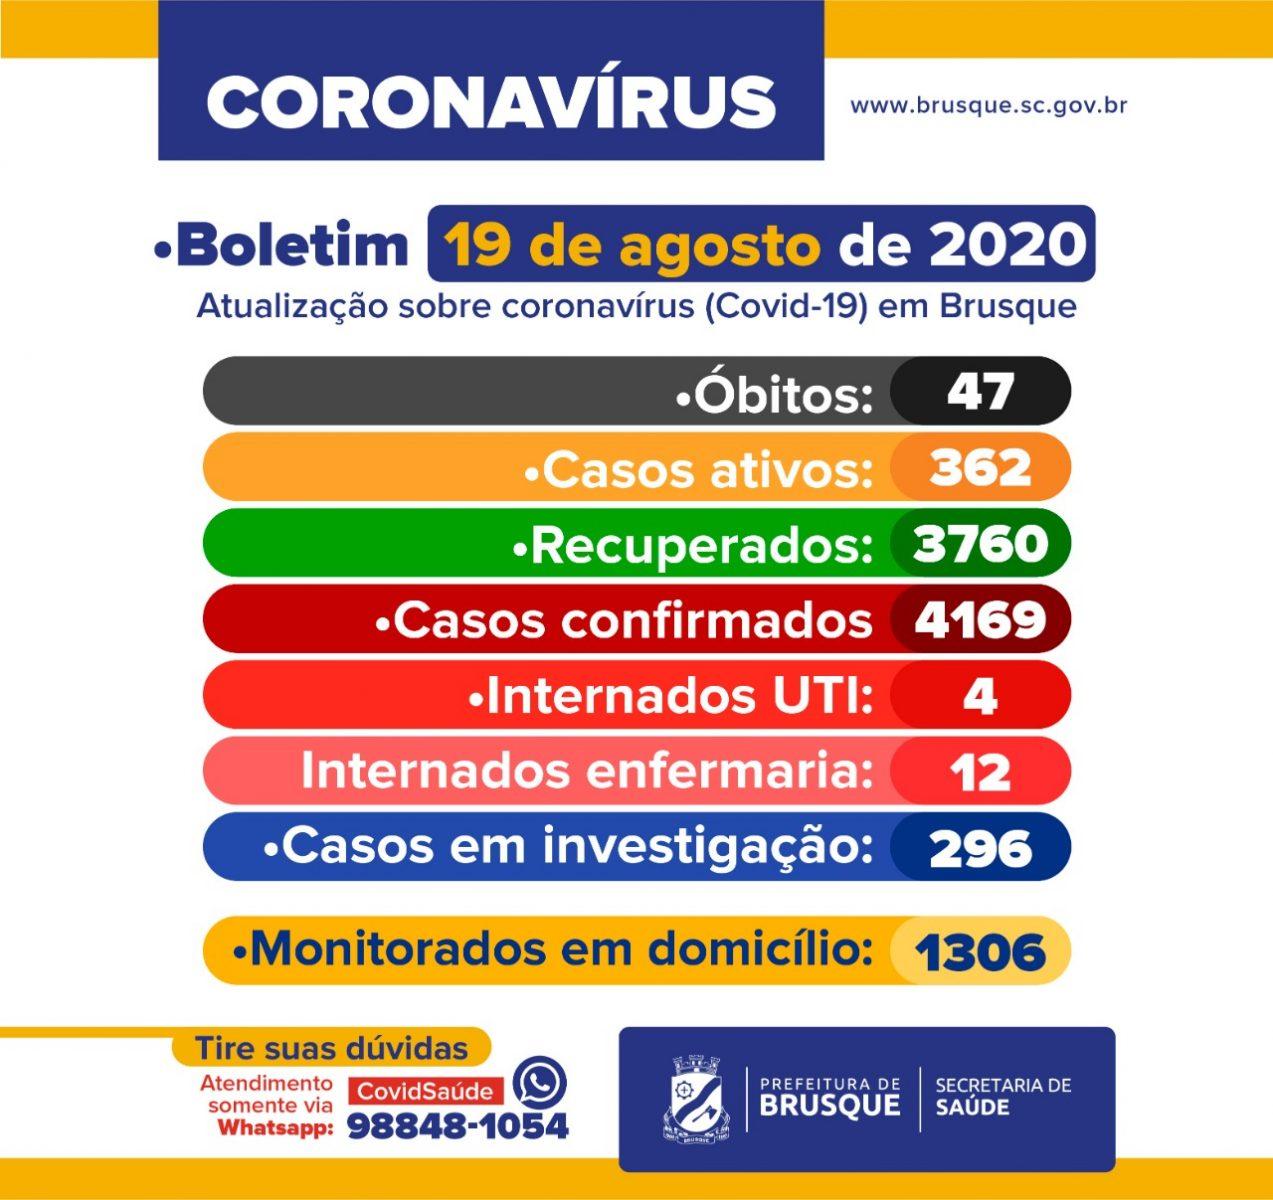 Confira o Boletim Epidemiológico da Prefeitura de Brusque desta quarta-feira (19)